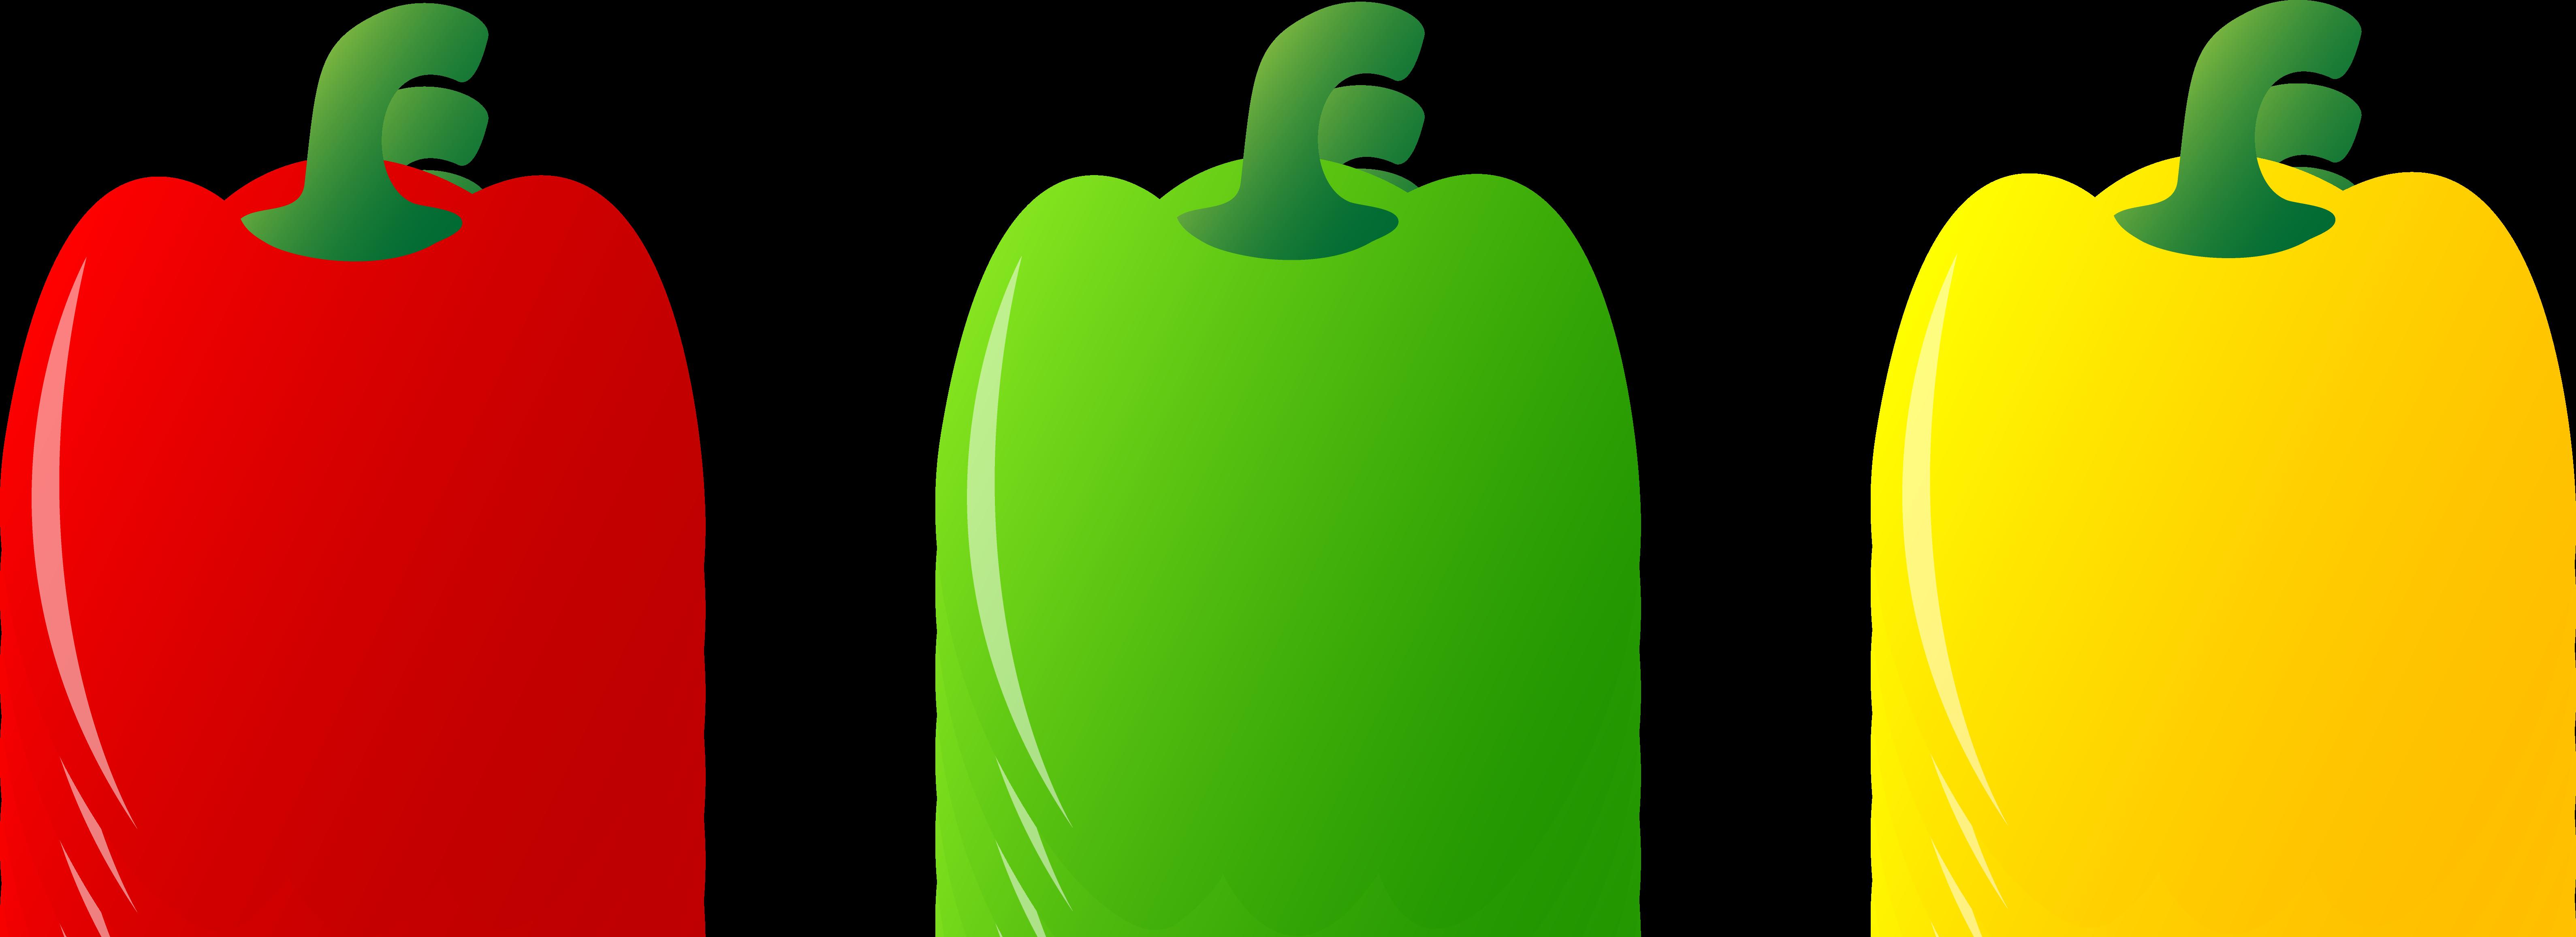 Bell pepper clipart green.